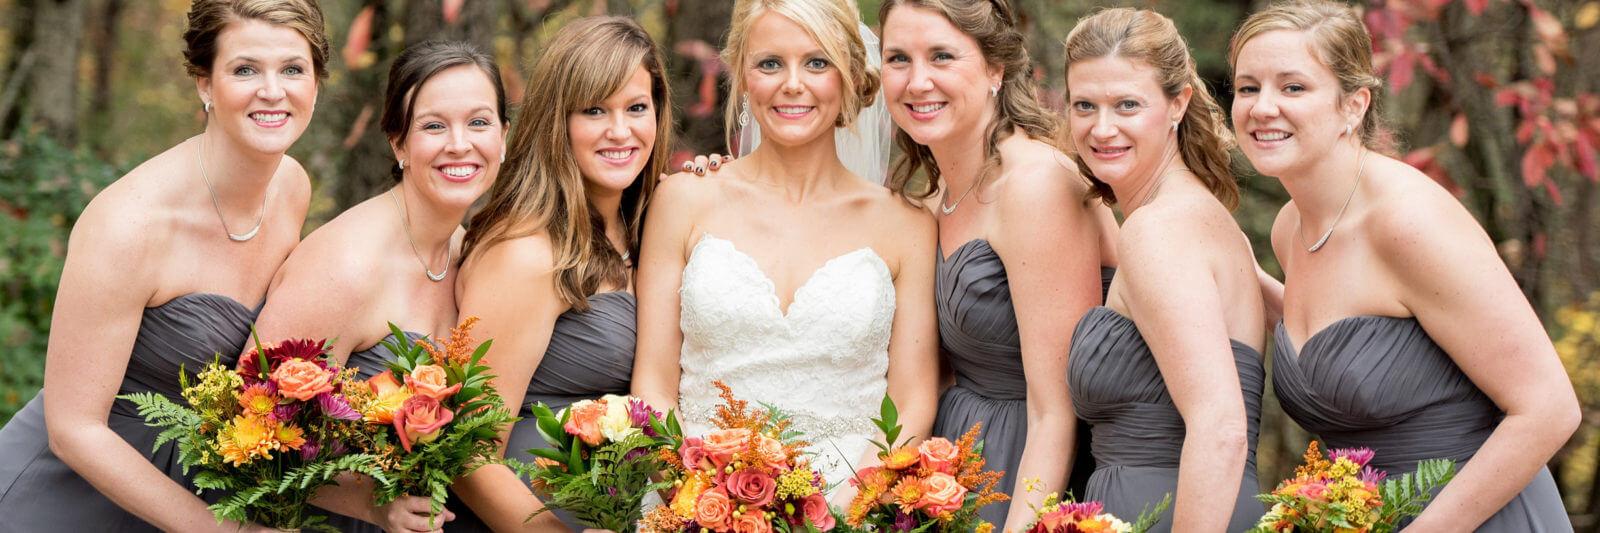 Capturing Bliss Photography Jamison Wedding 17